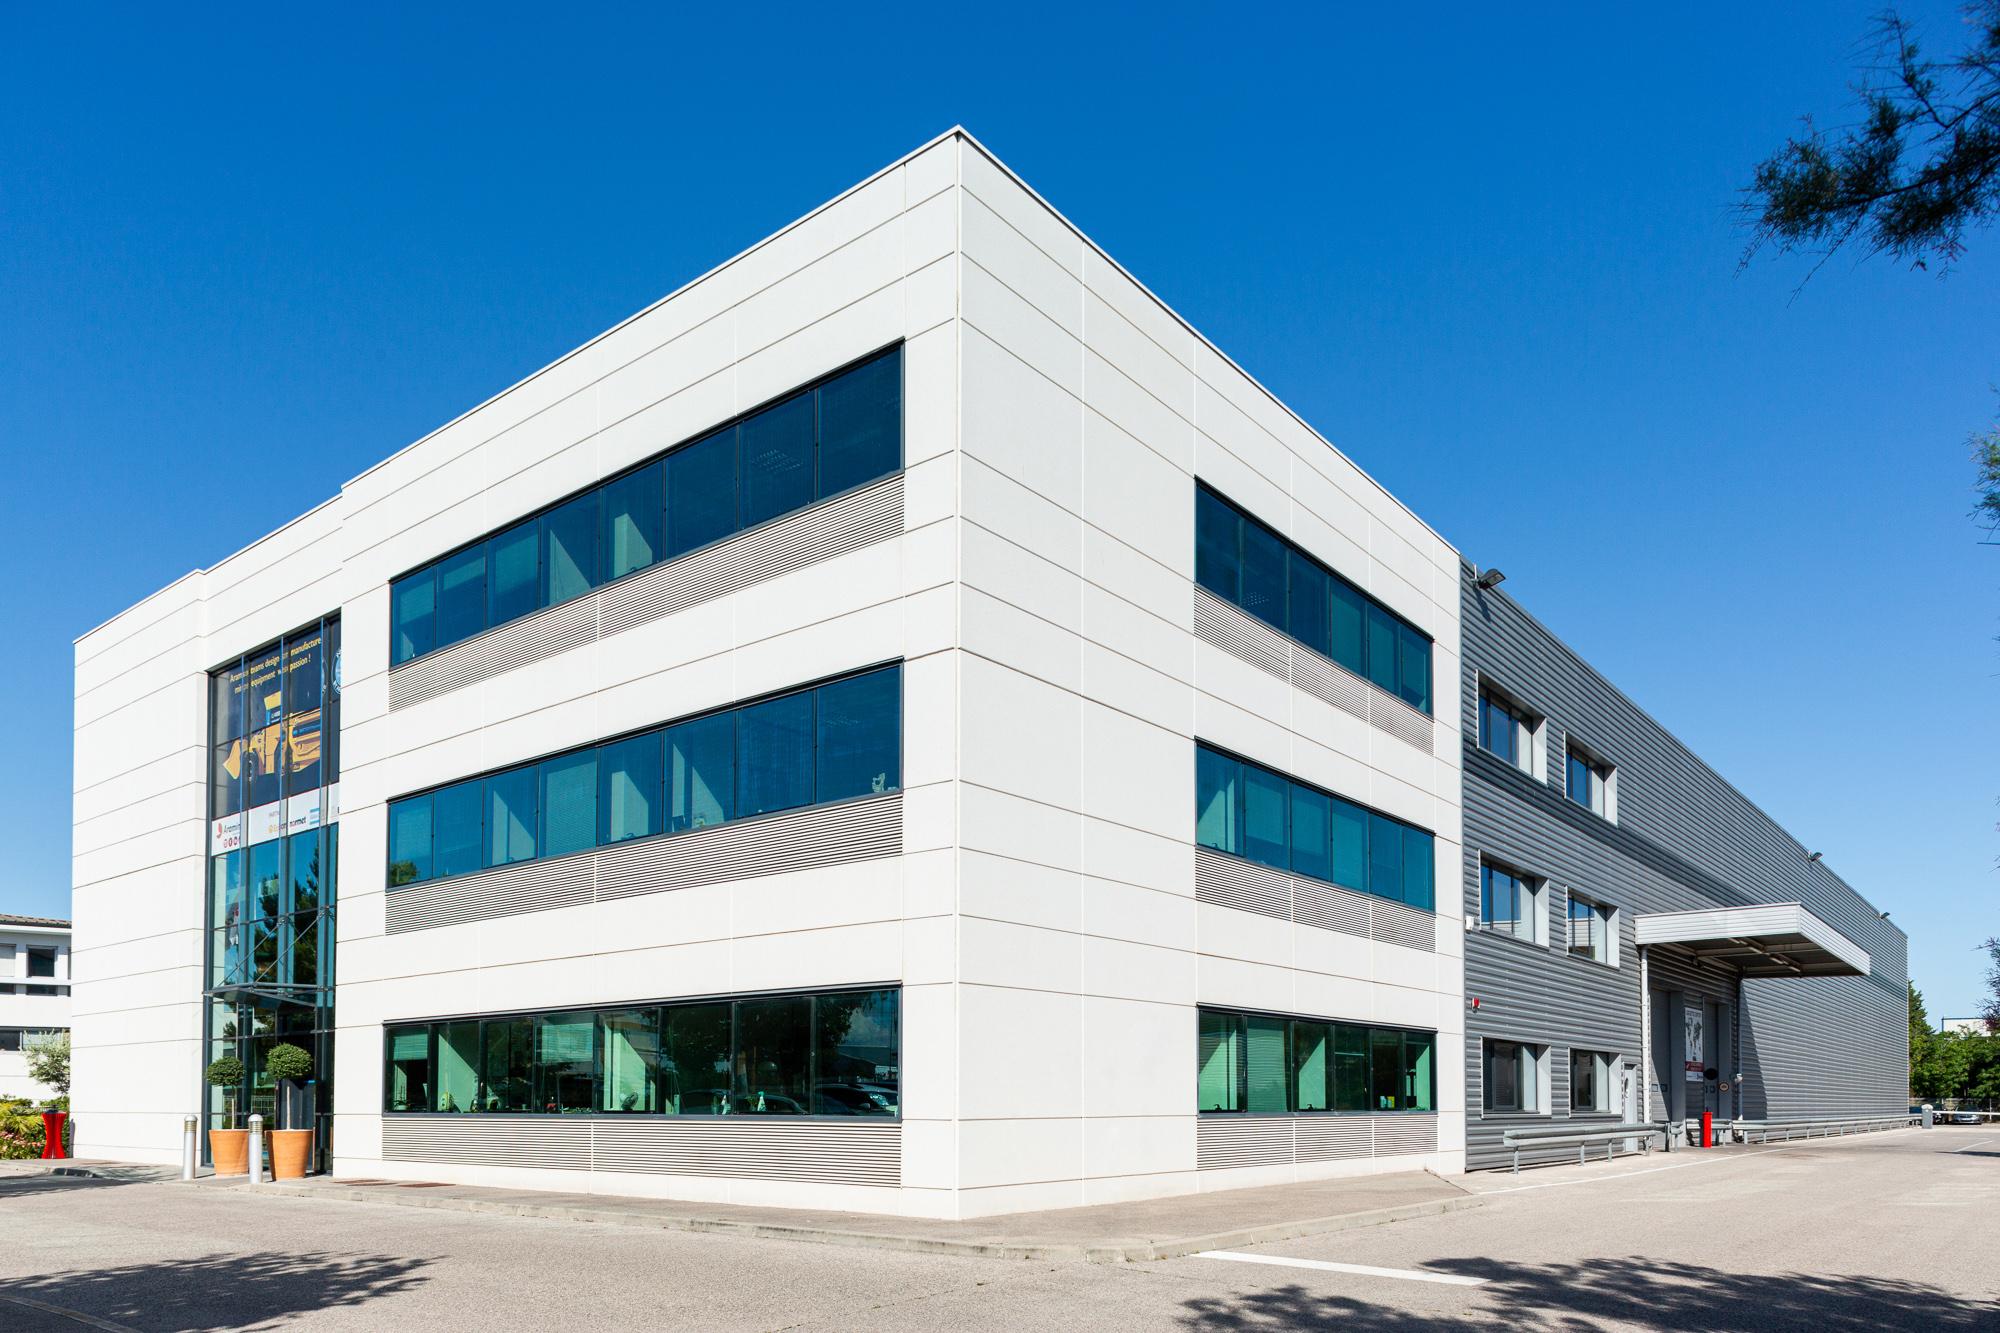 Photographie d'architecture du bâtiment pour sa mise en valeur et présenter l'entreprise.